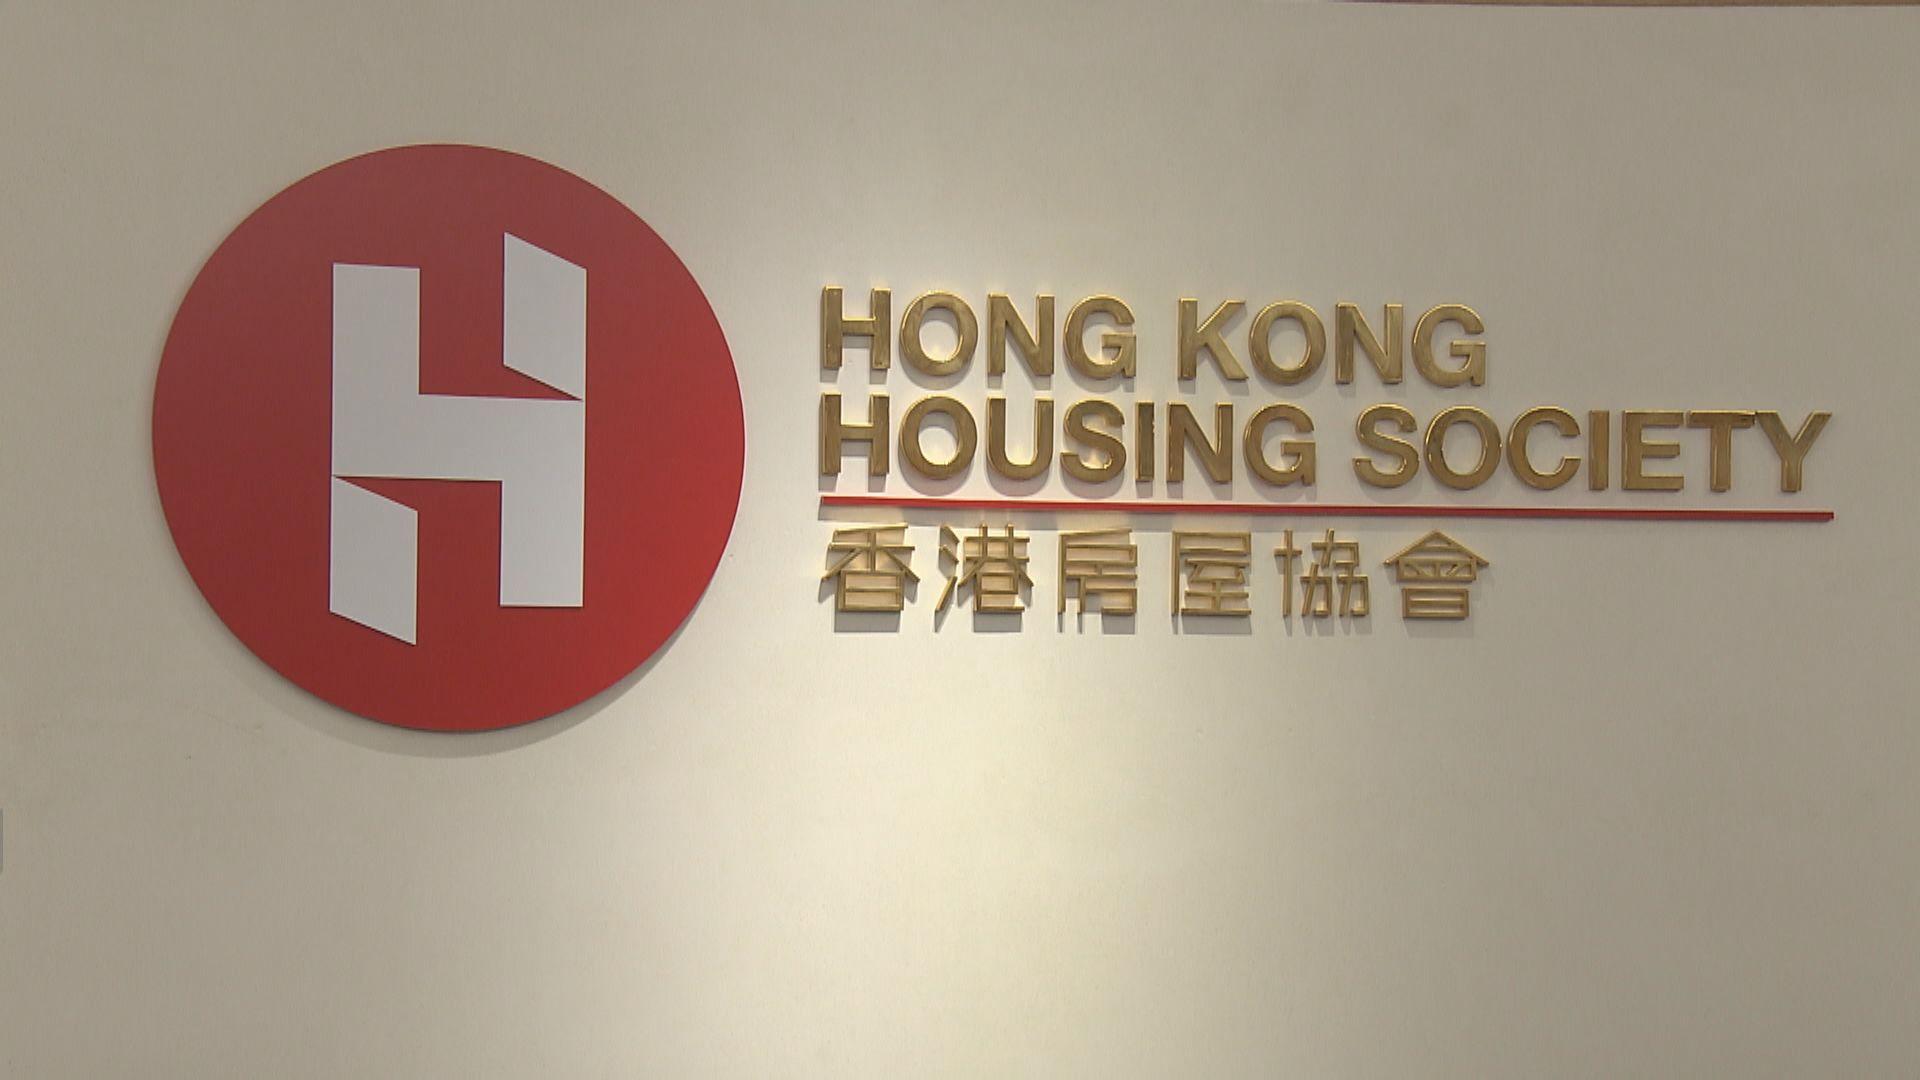 房協明日重啟未補價資助出售房屋出租計劃